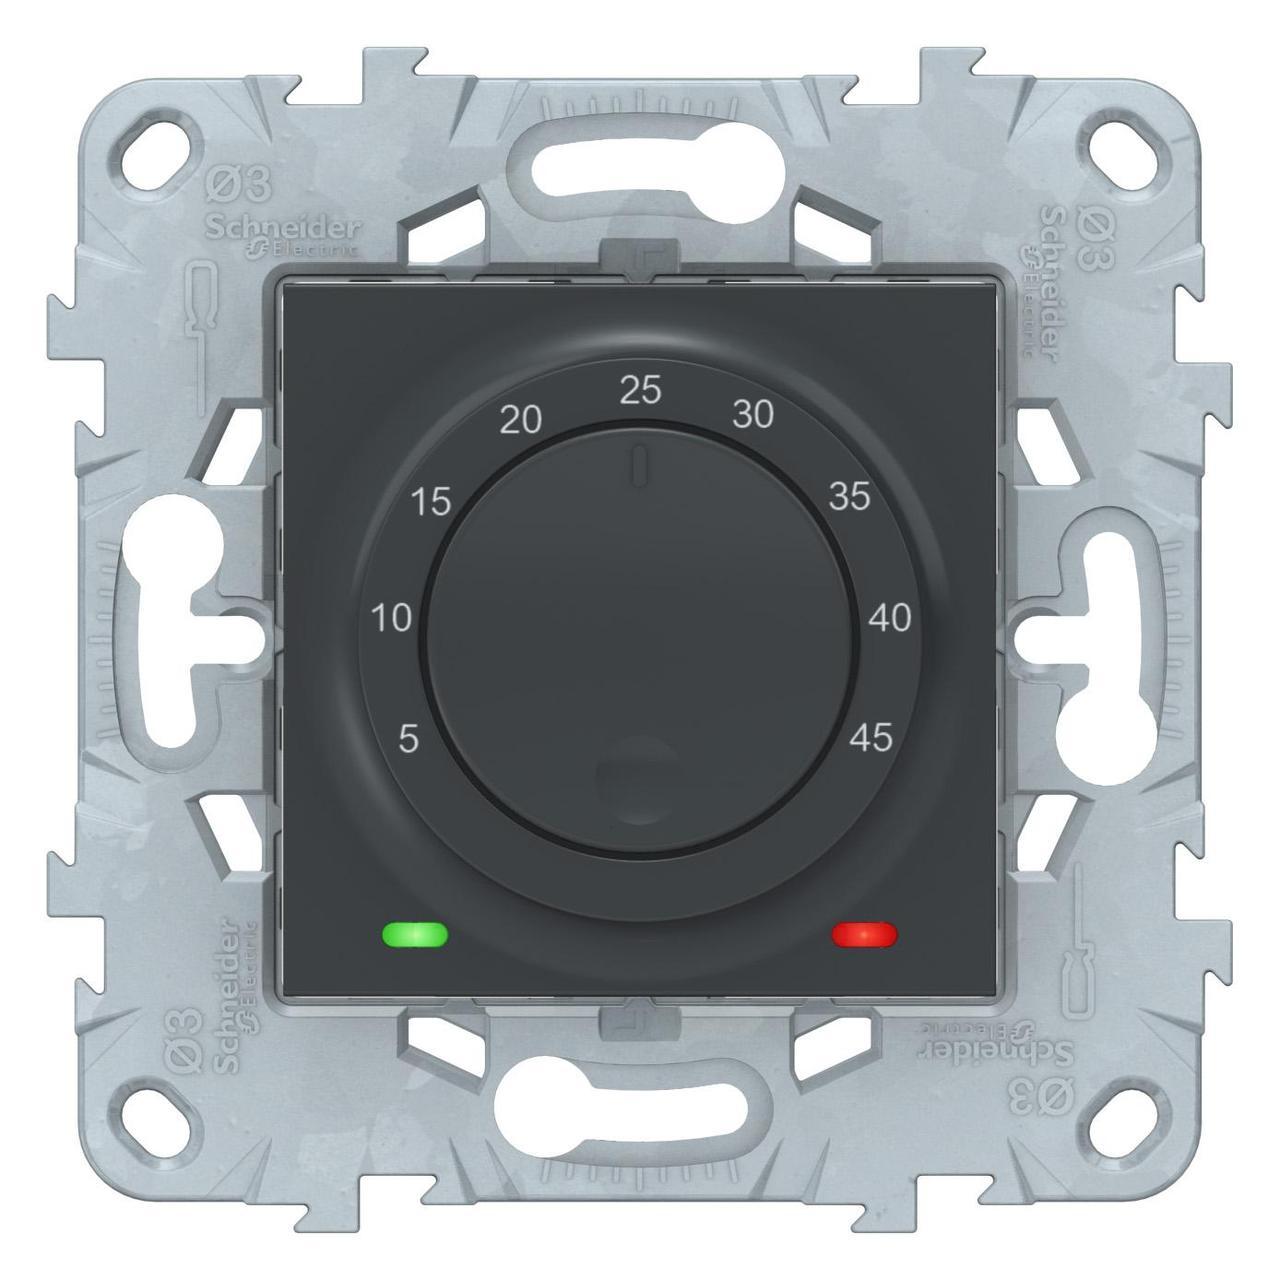 Терморегулятор для теплого пола , Антрацит, серия Unica New, Schneider Electric